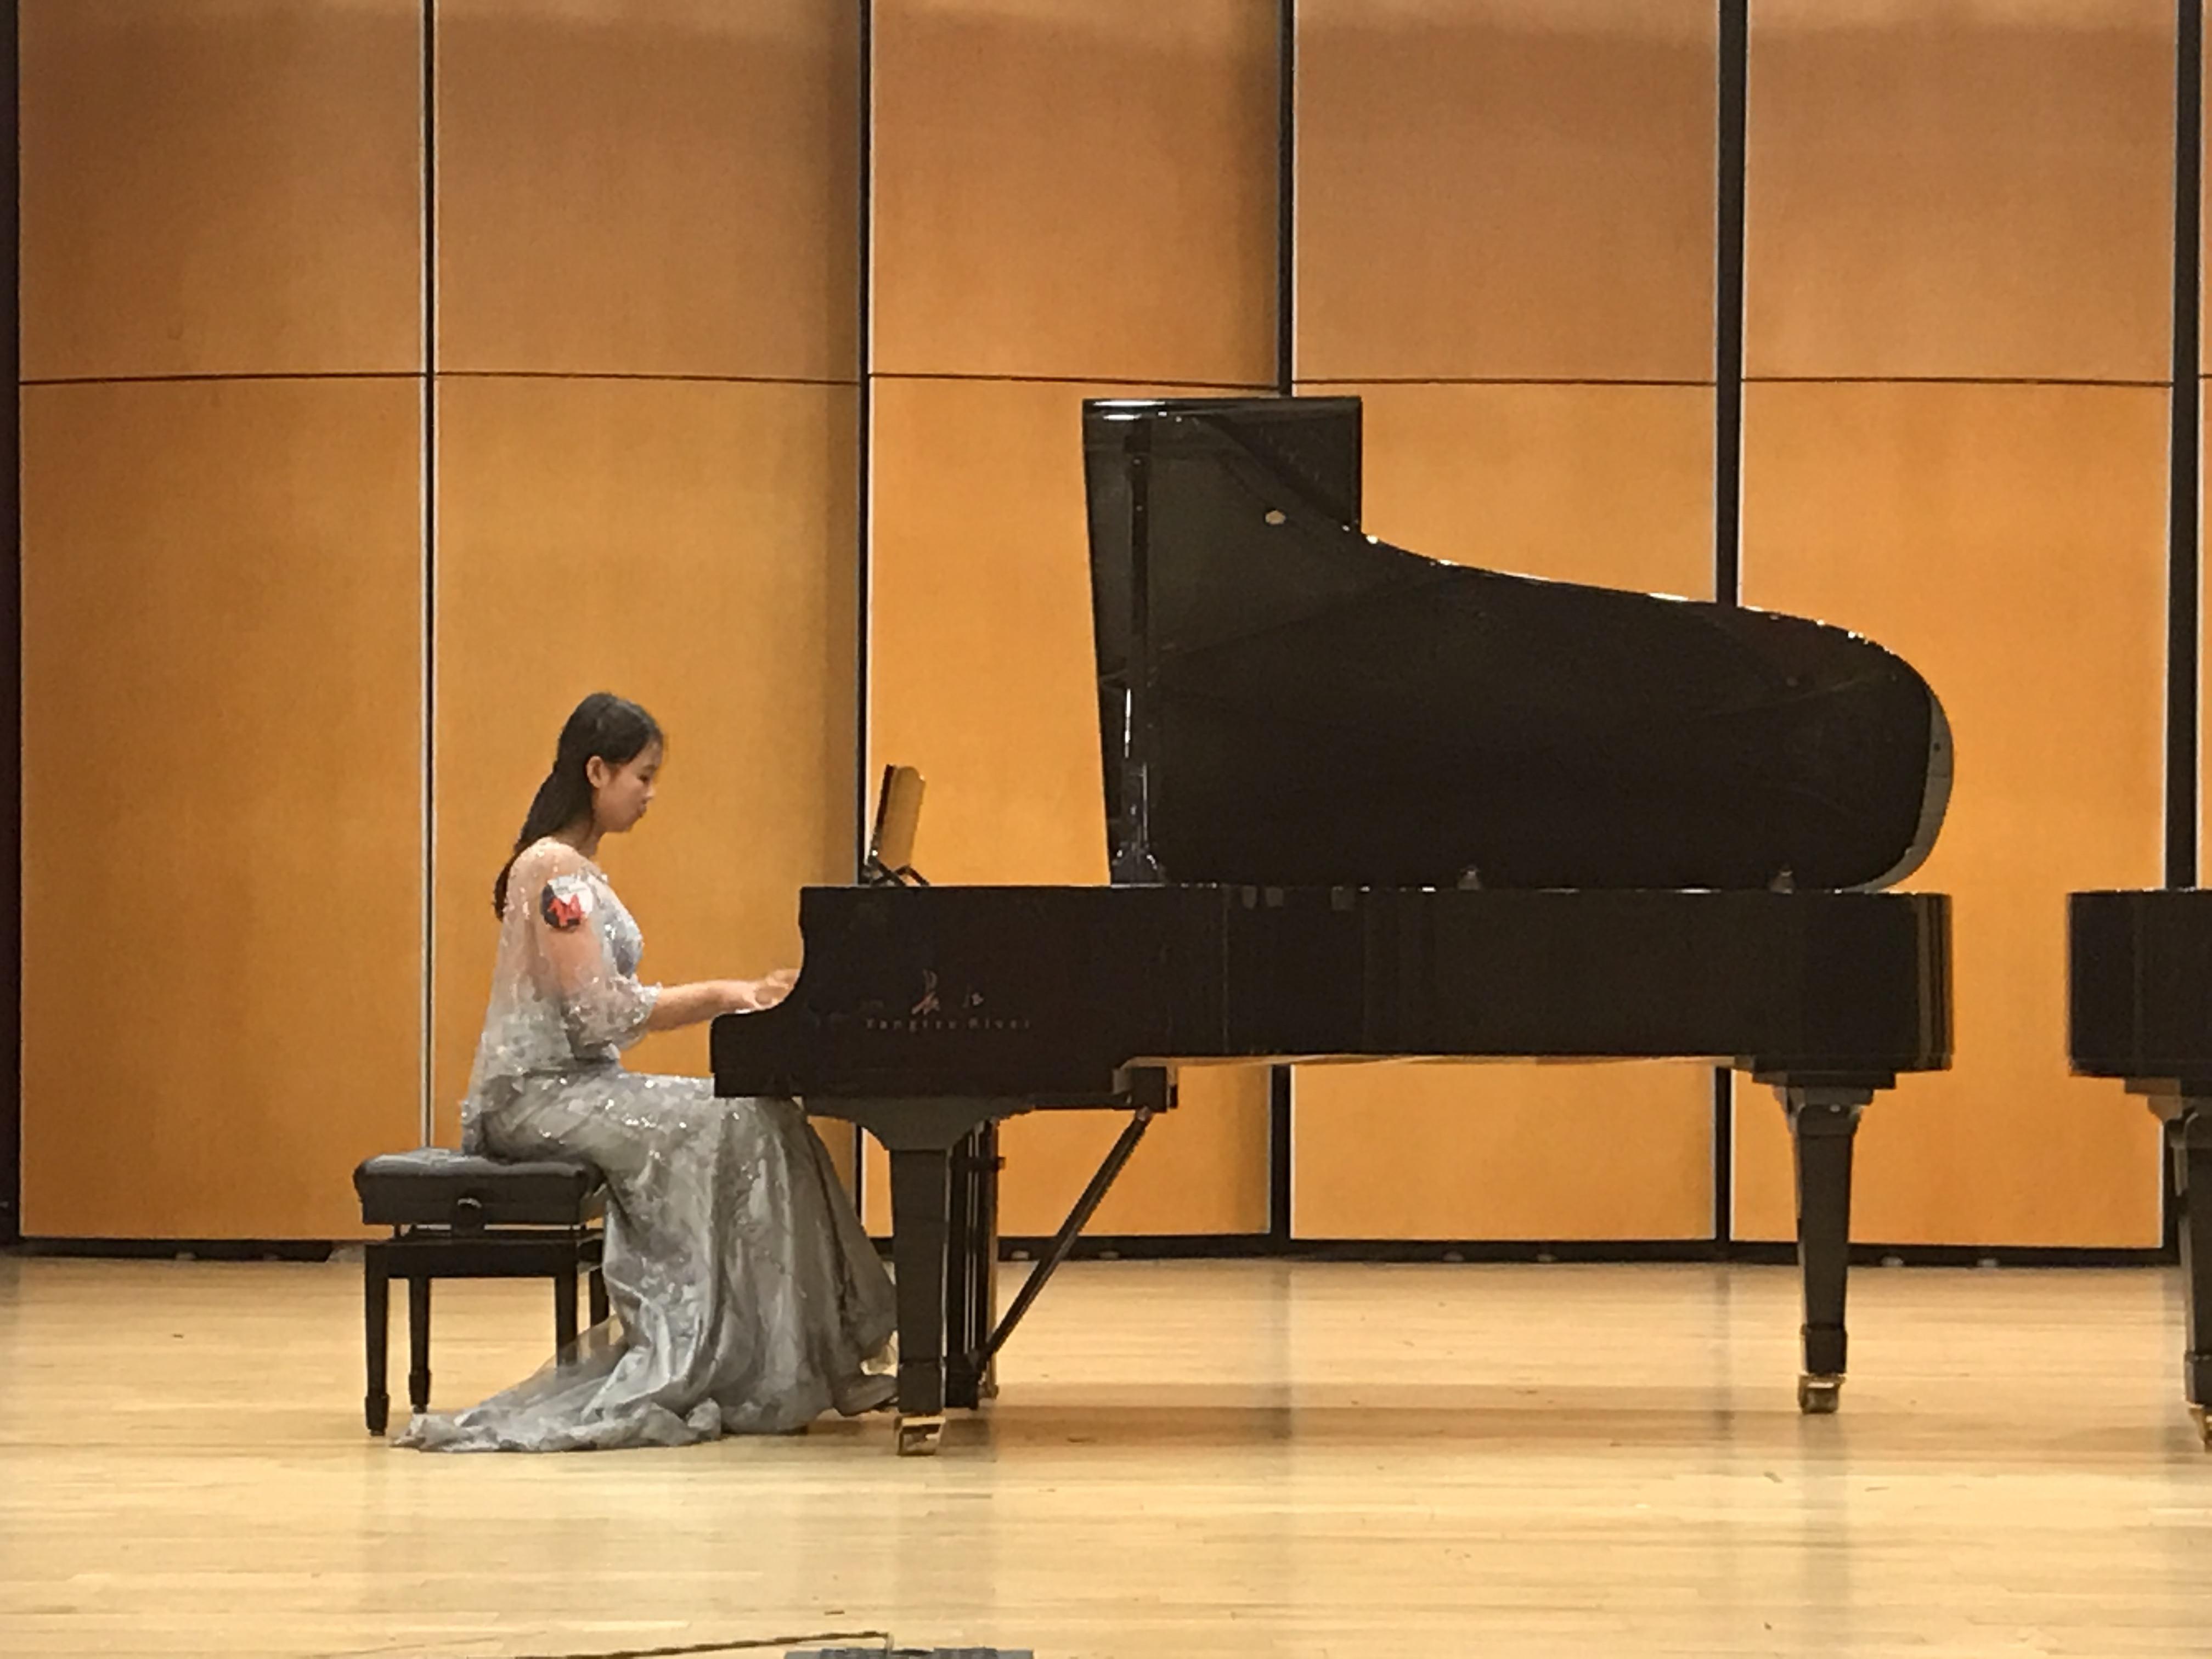 正确合理的呼吸有助于钢琴演奏